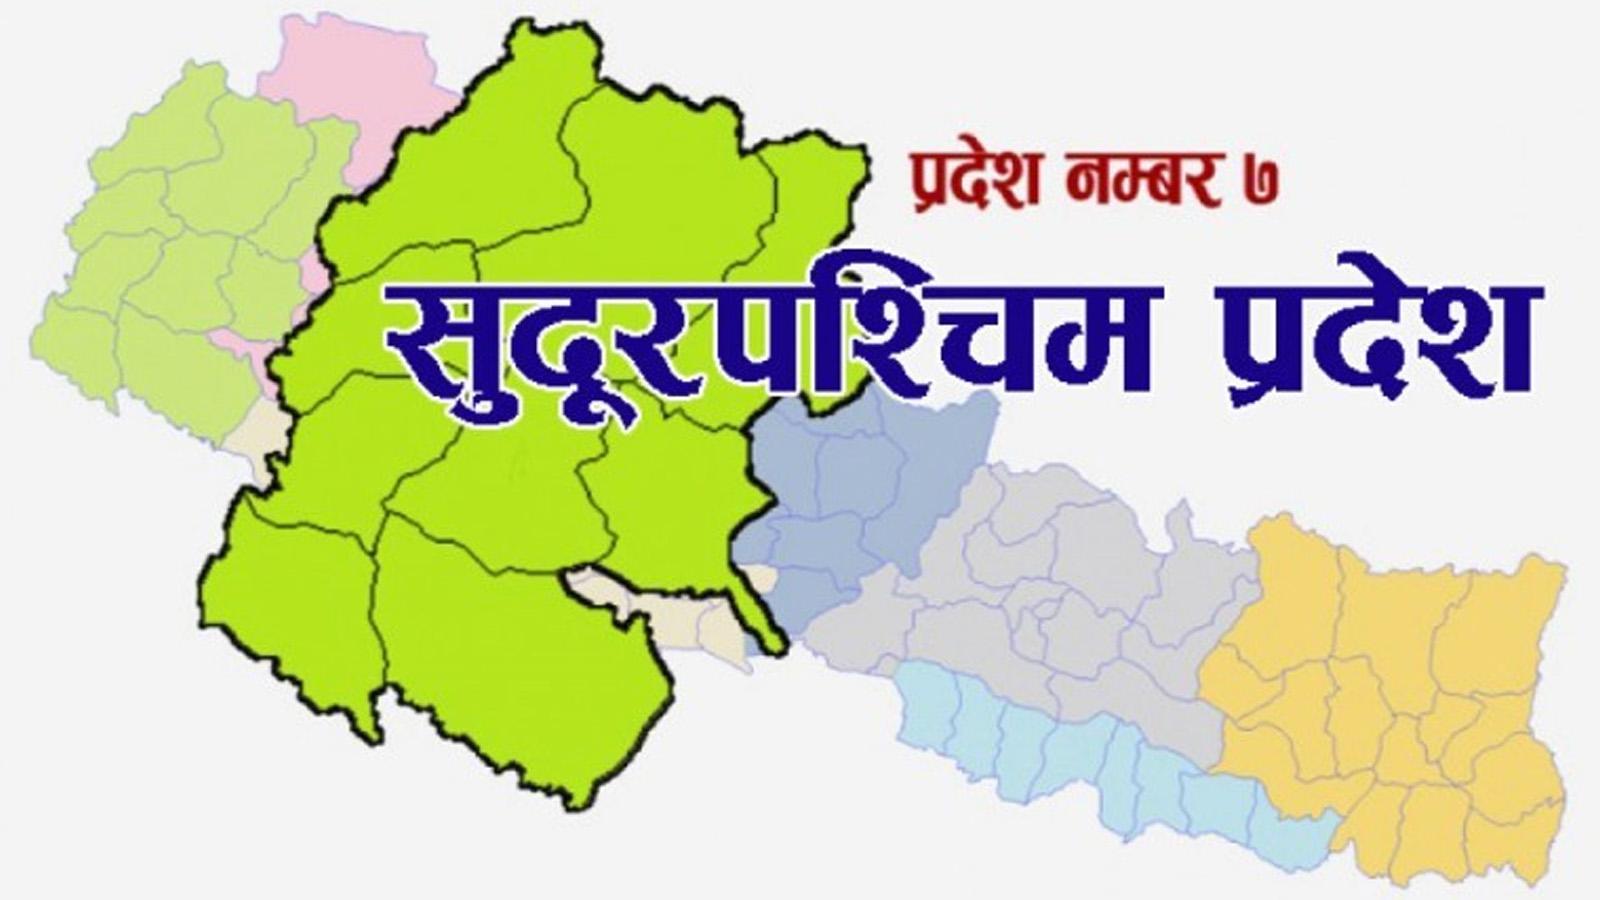 सुदुरपश्चिमका ९ वटै जिल्लामा निशेधाज्ञा